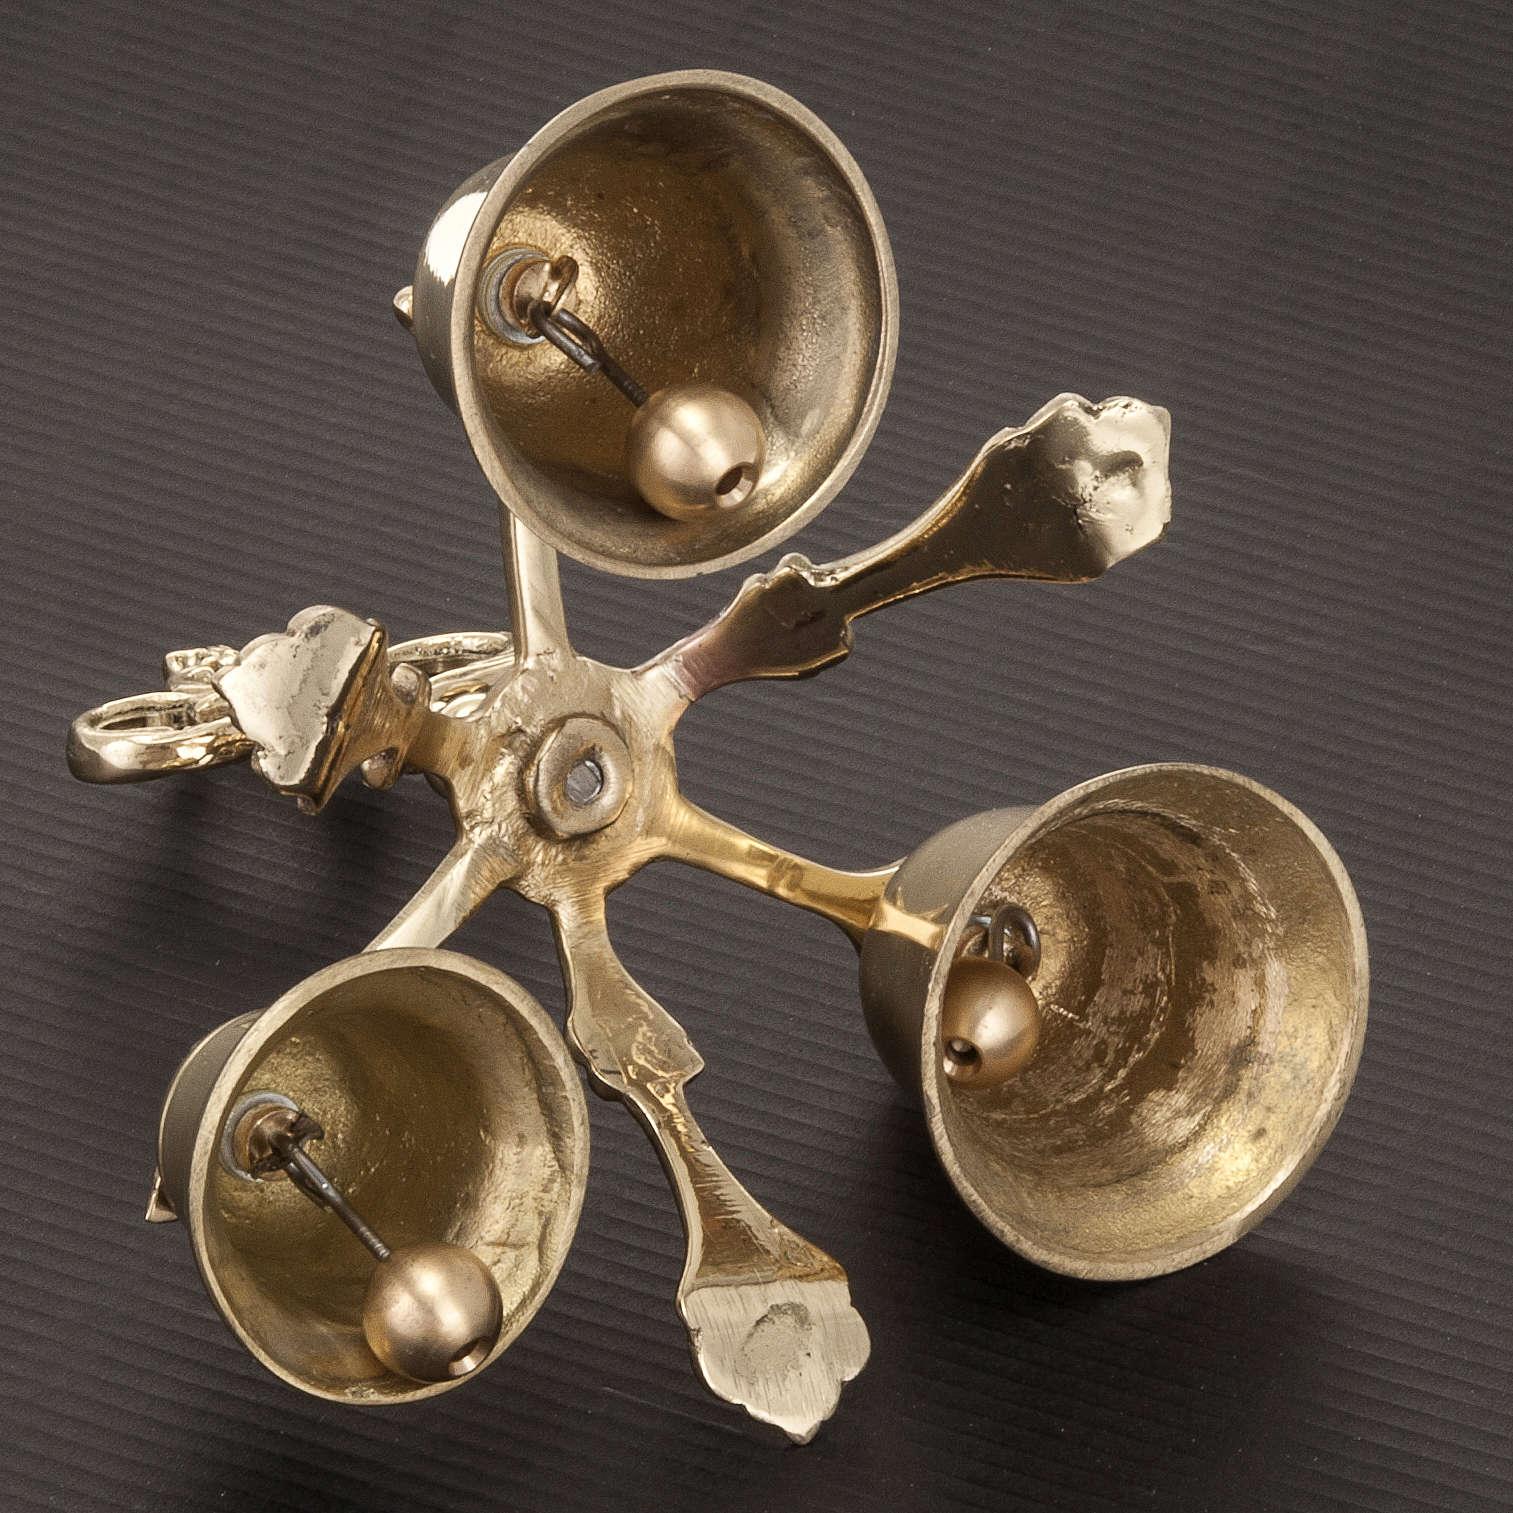 Campanello liturgico a tre suoni dorato 3